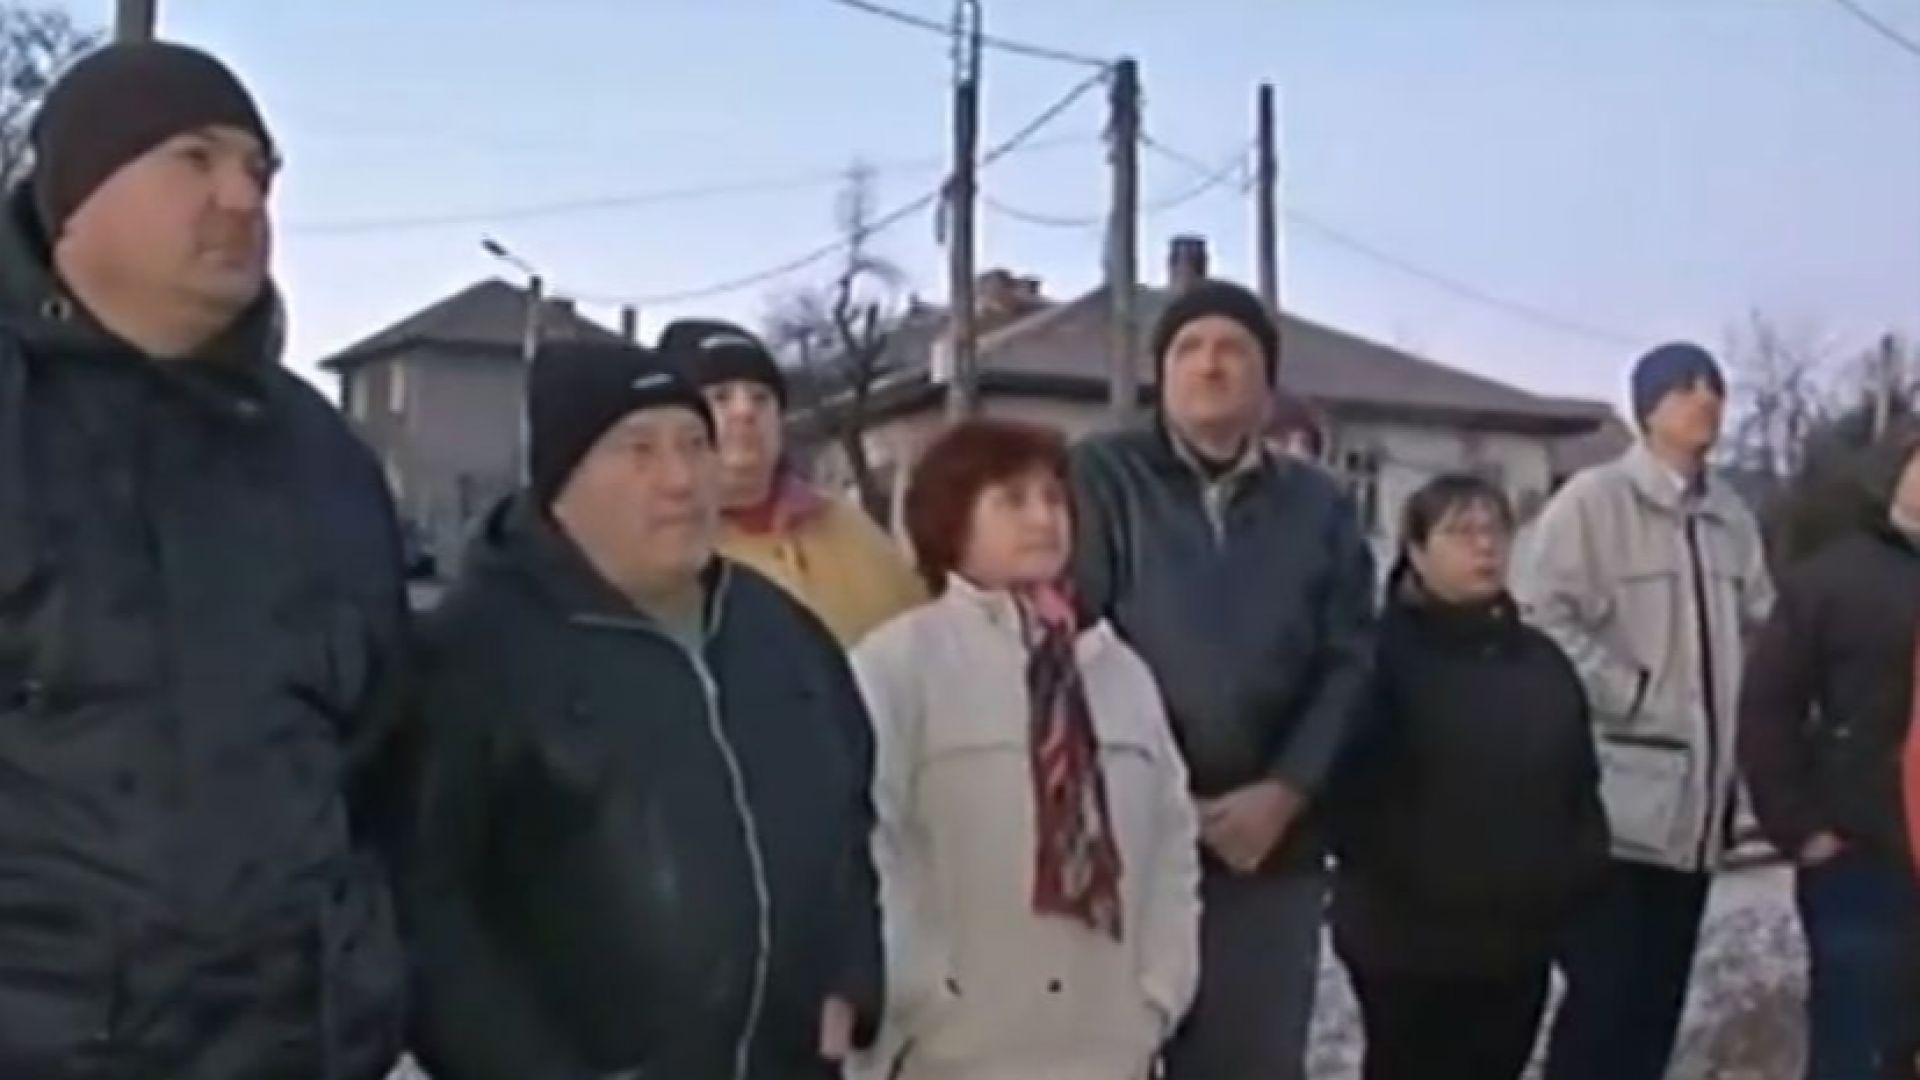 Жители на град Дряново излизат на протест. Местните настояват да